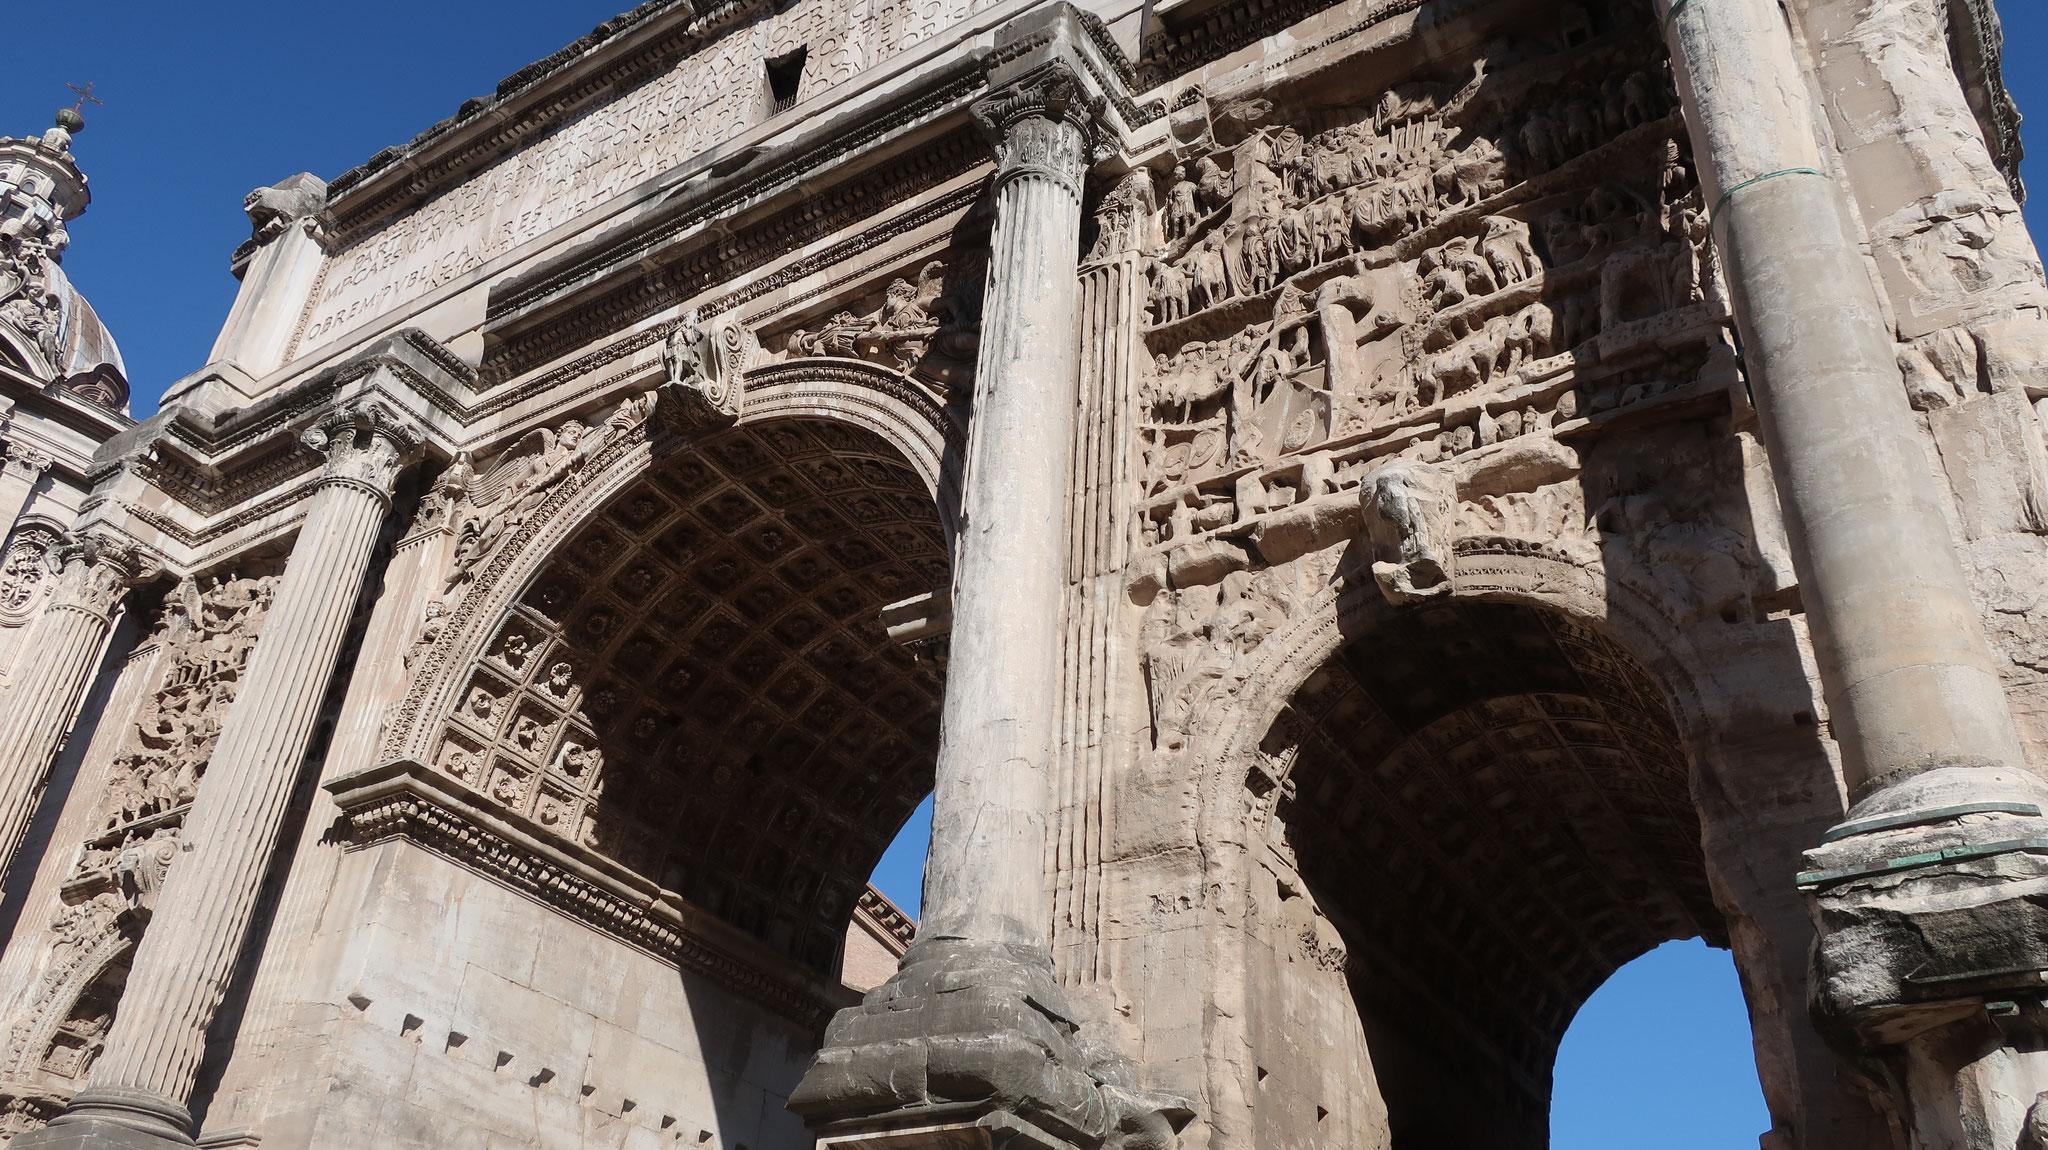 3世紀、パルティアとの戦いに勝ったセヴェルス帝を記念した凱旋門。